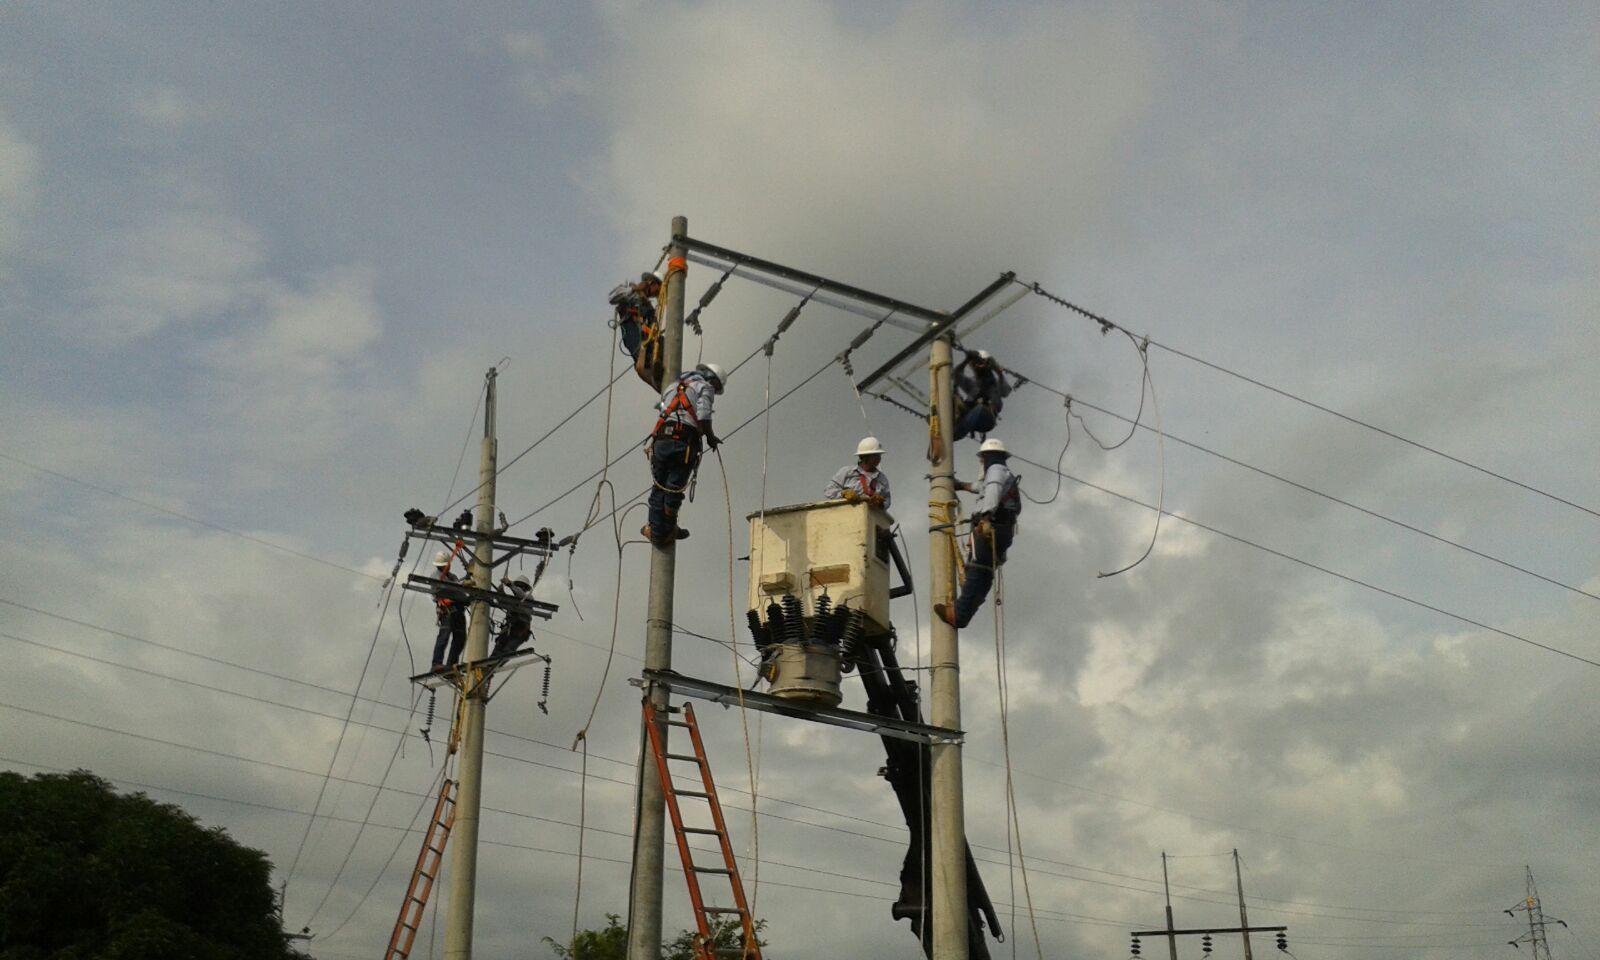 Un nuevo corte de energía en Yopal.